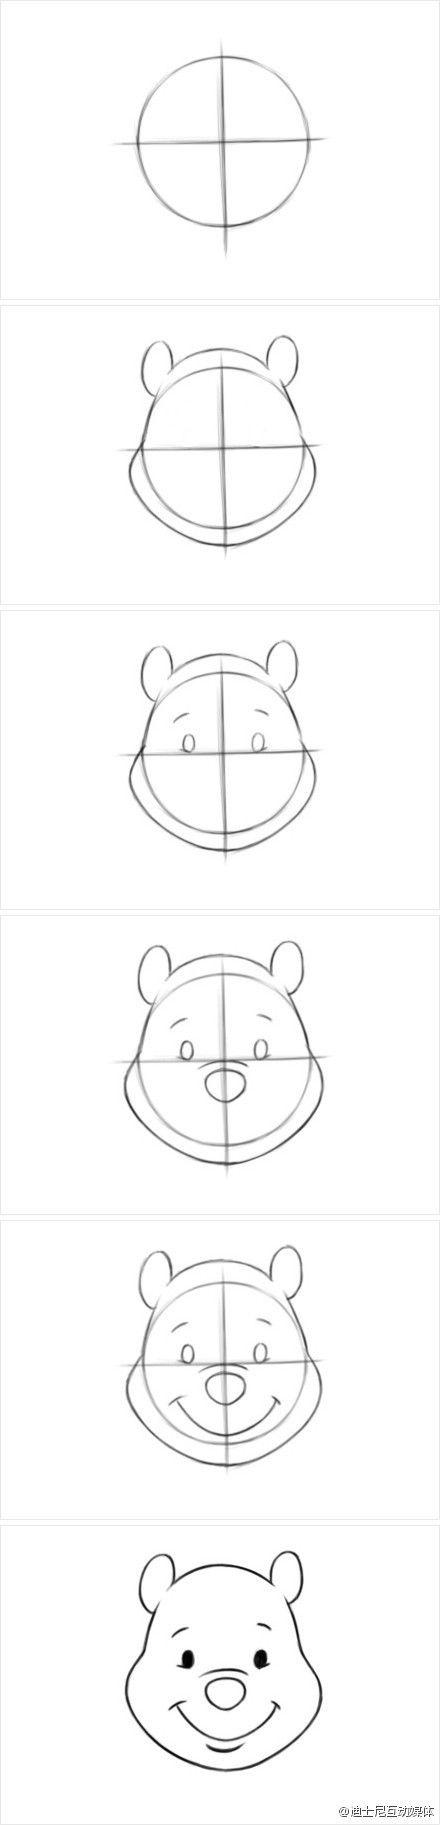 今天,教大家画那只胖嘟嘟的有点笨的大明星——小熊维尼!!!用自己的画笔唤出我们亲爱的小熊,会不会超有成就感?